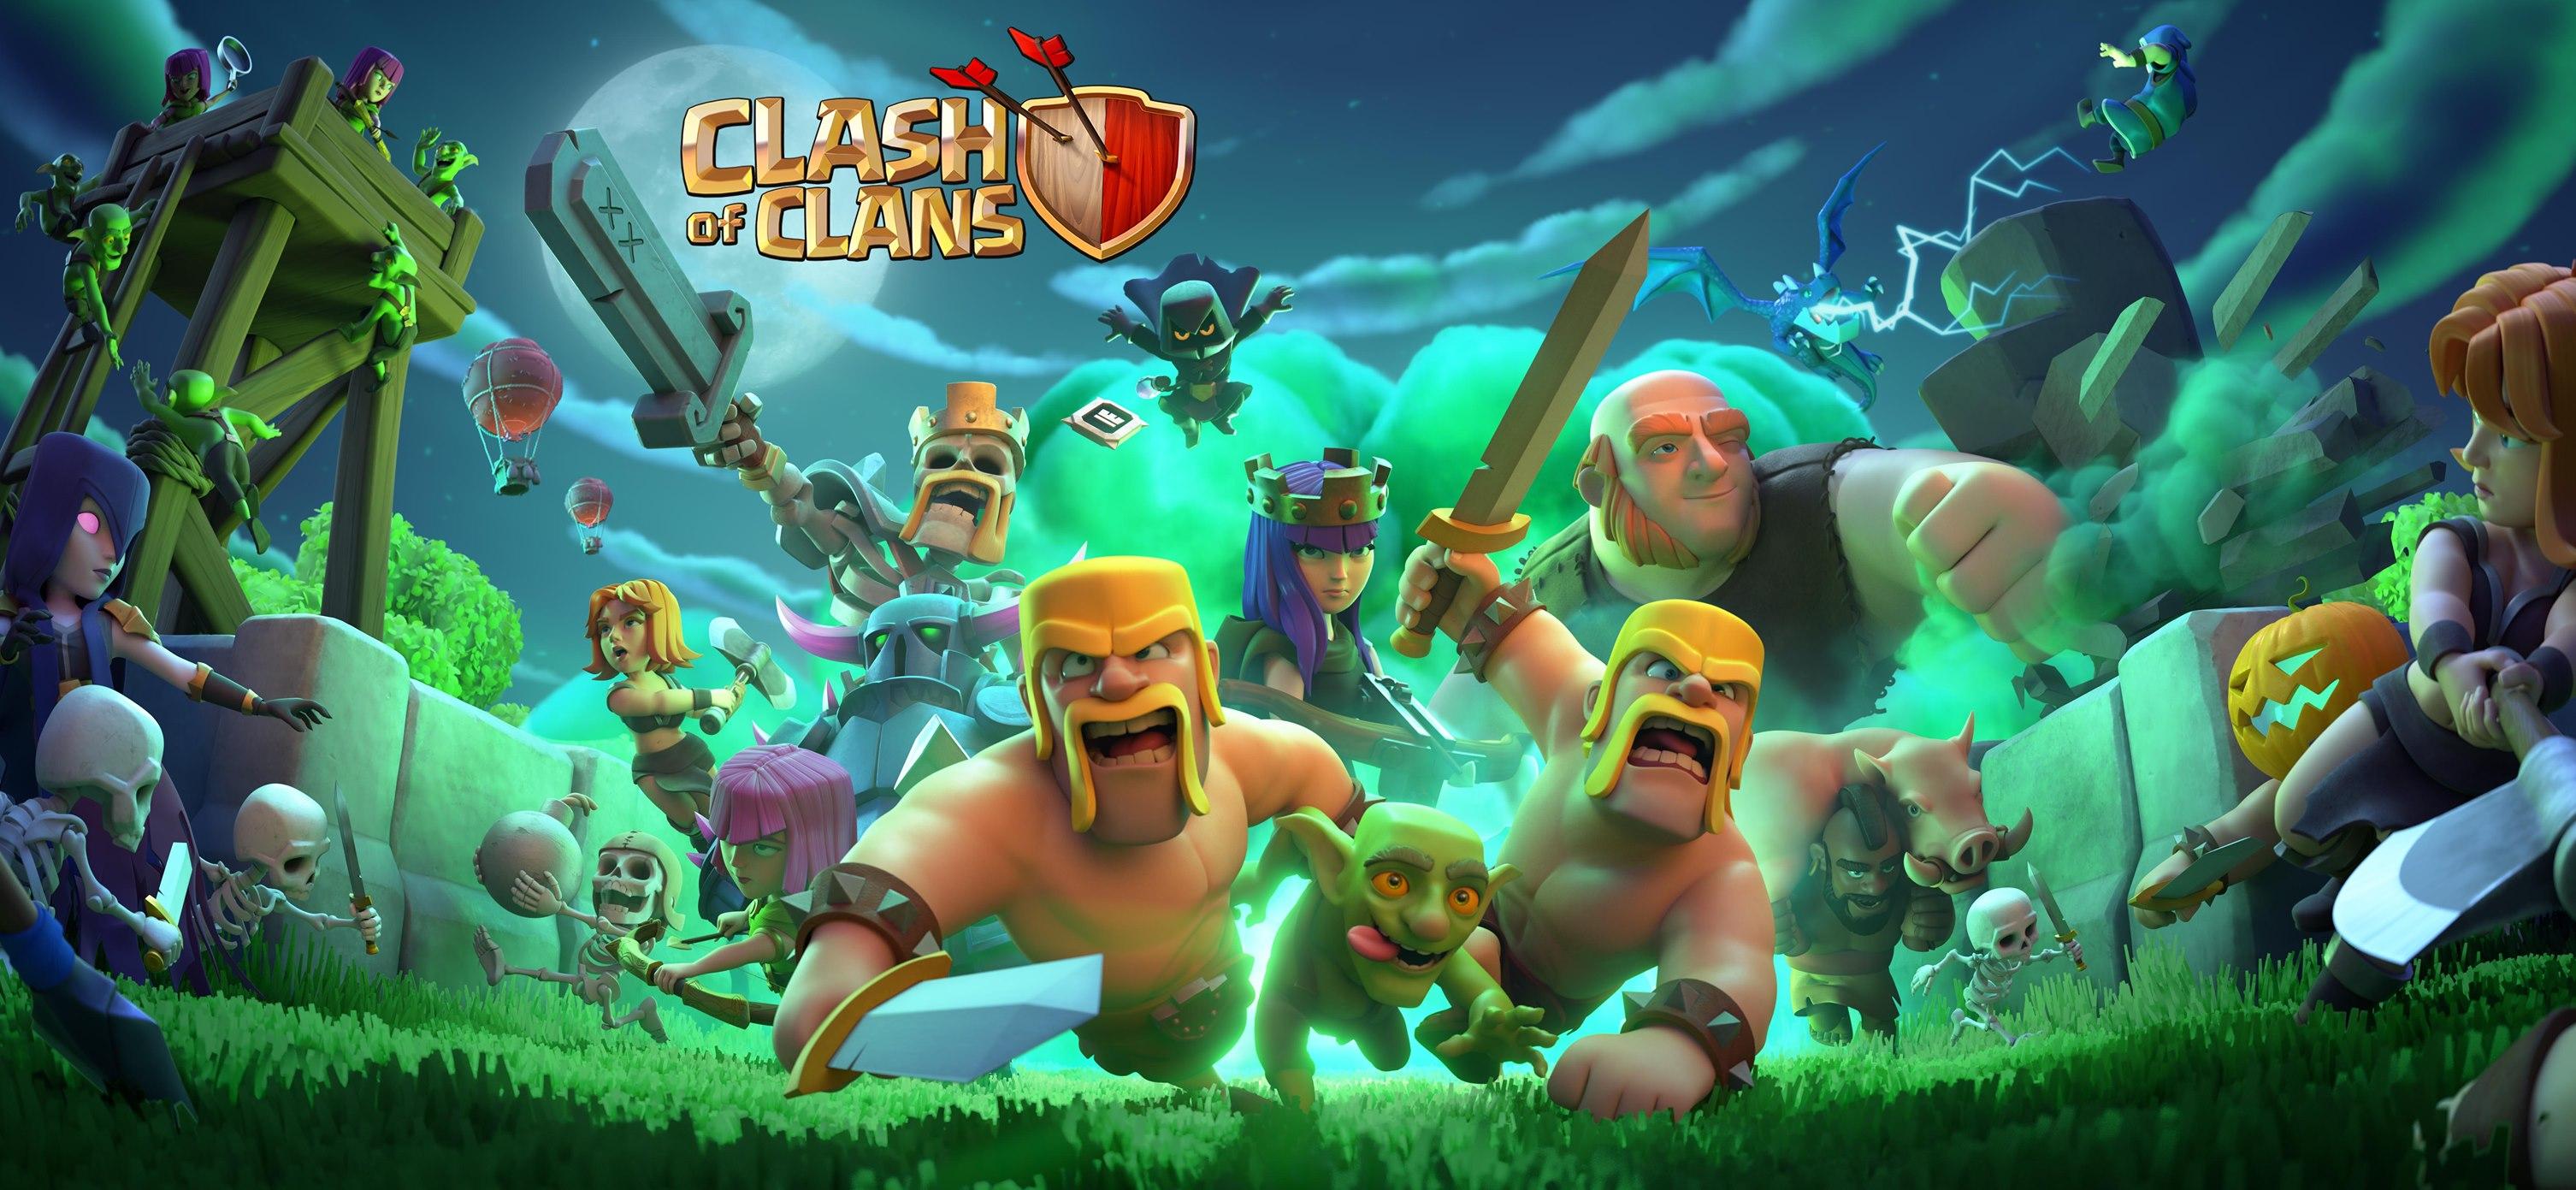 Hình ảnh Clash of clans halloween